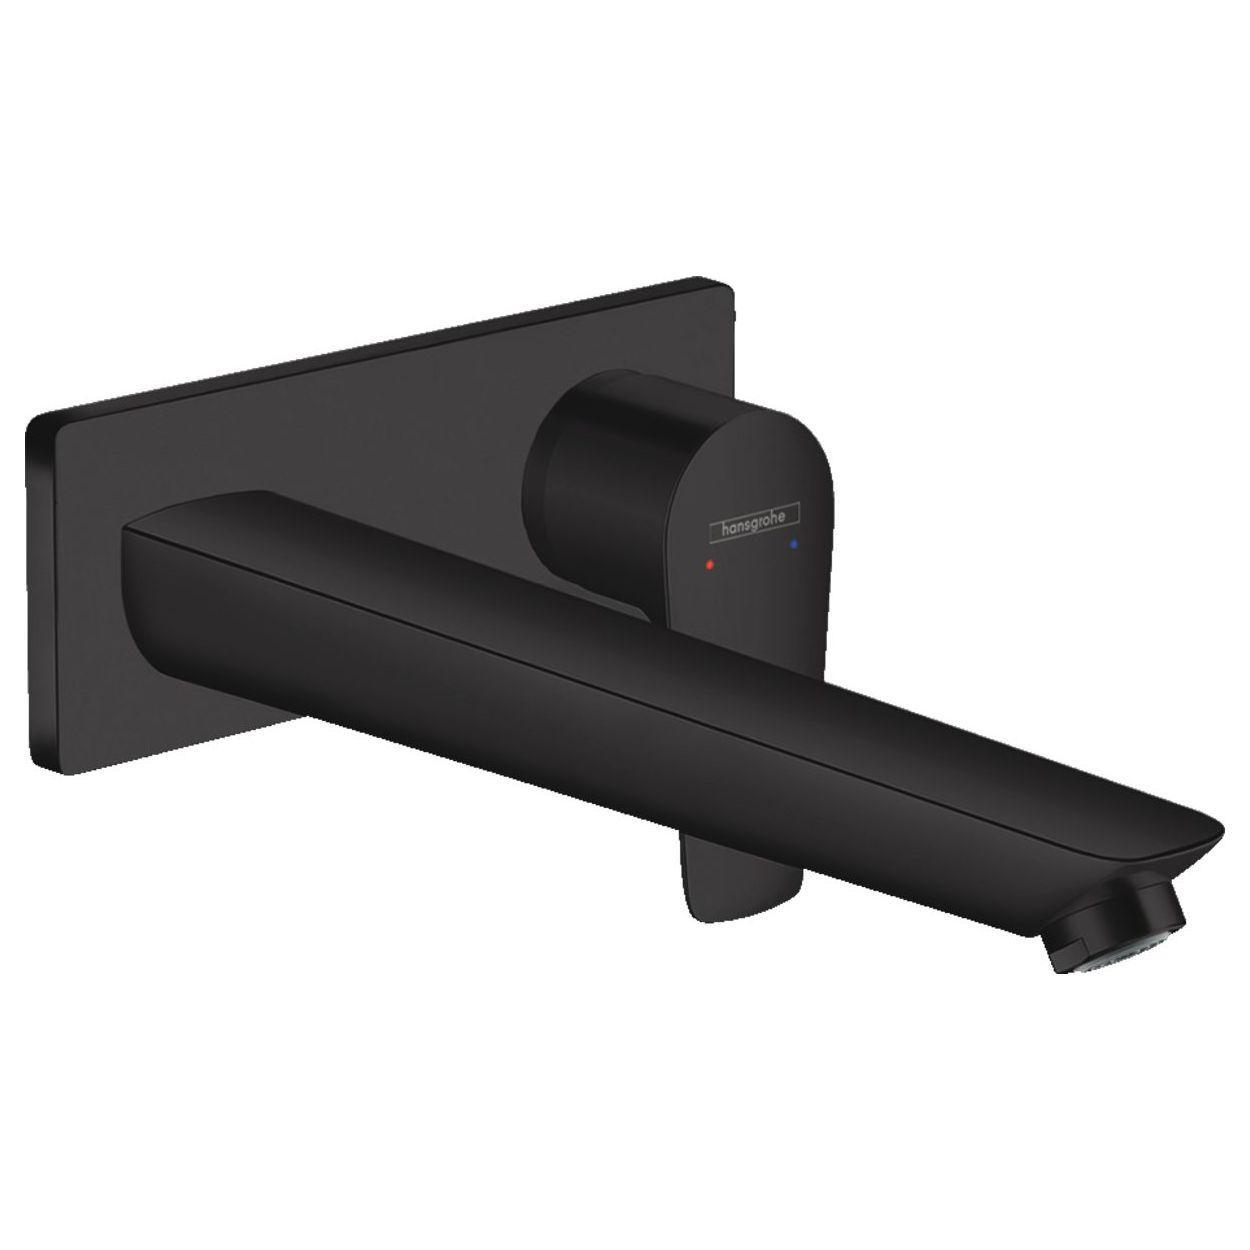 Talis E Смеситель для раковины, однорычажный, скрытого монтажа, цвет покрытия матовый черный